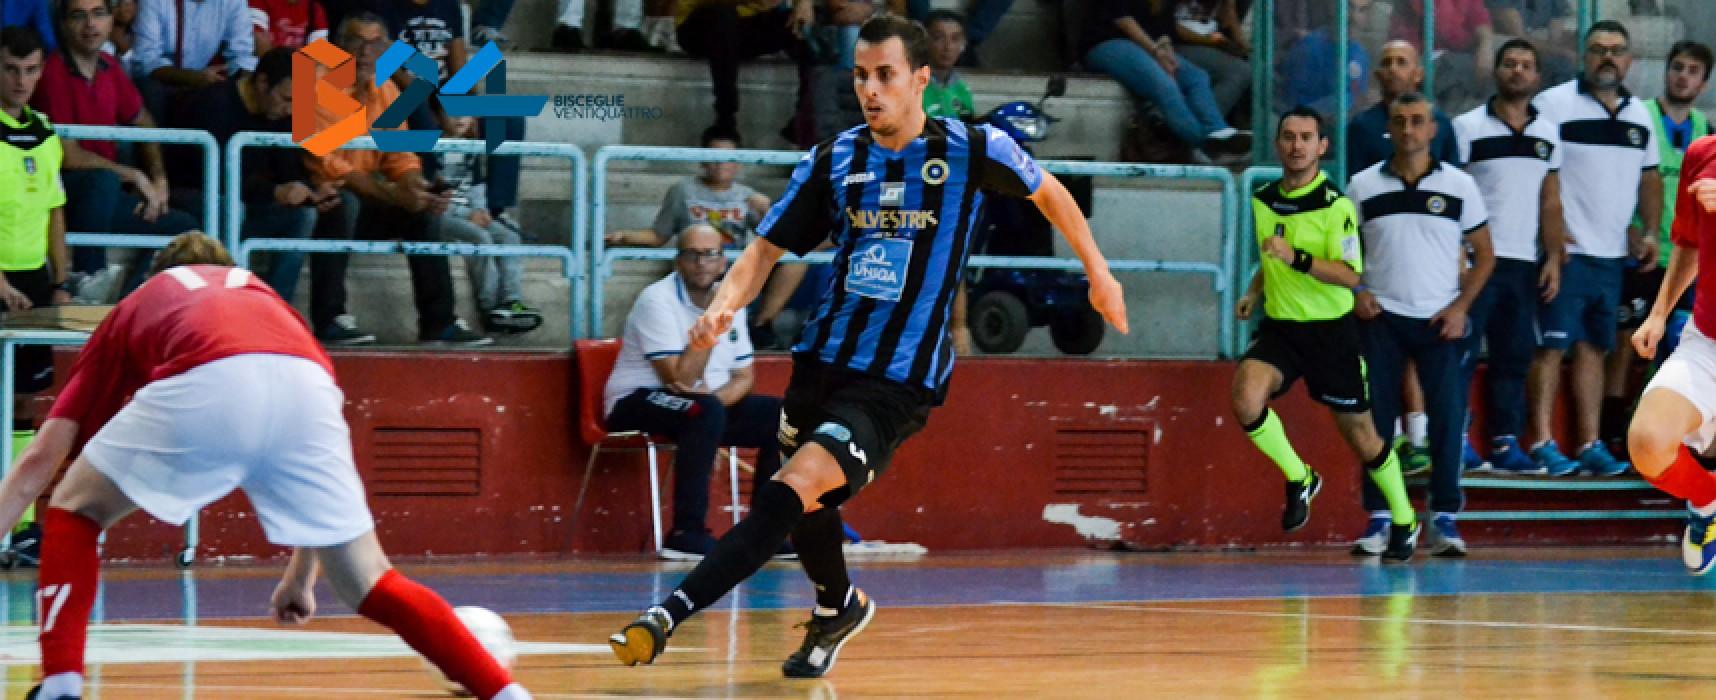 Futsal Bisceglie, cinque gol al Real Dem per chiudere il 2016 in bellezza